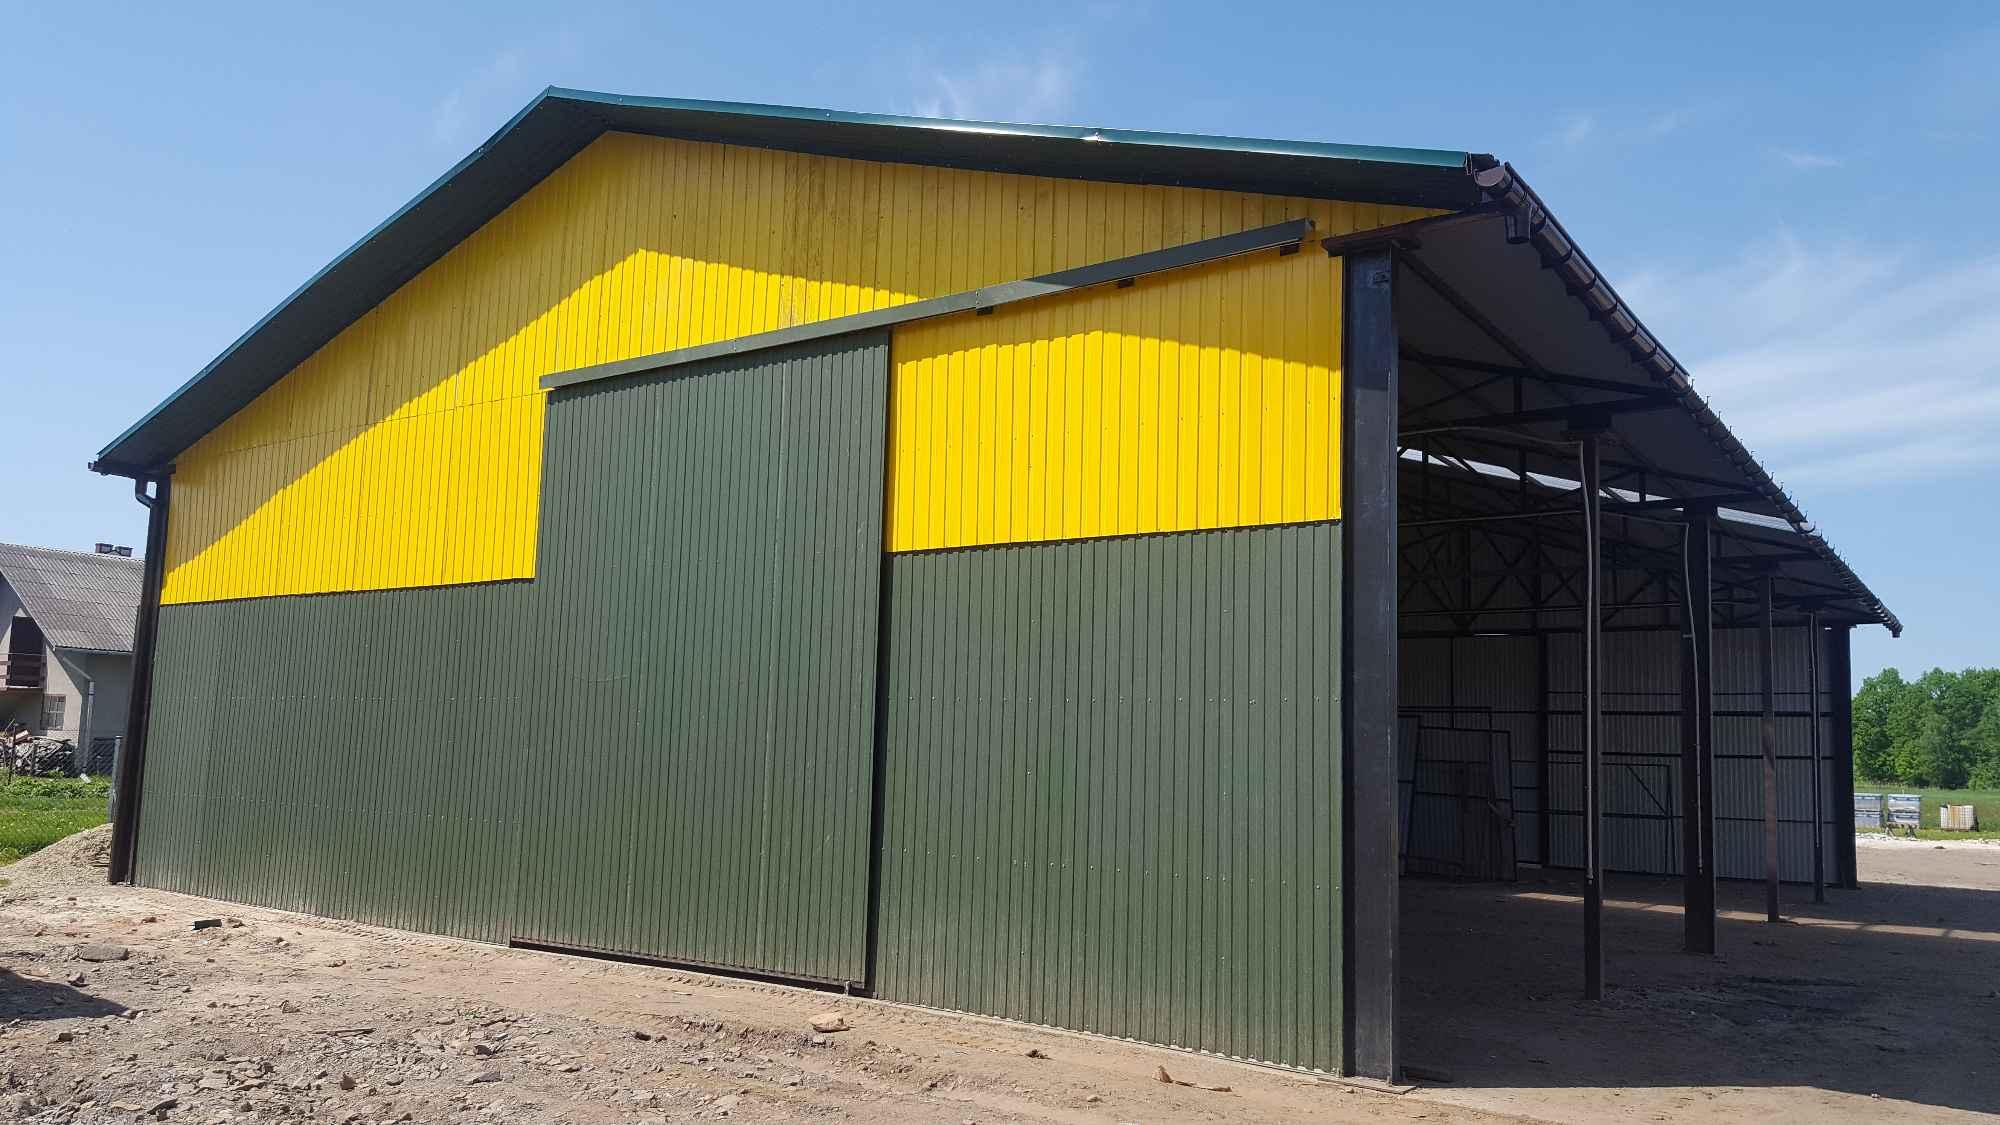 Garaże blaszane, blaszaki, schowki budowlane, kojce,wiaty, hale. Szczecin - zdjęcie 5